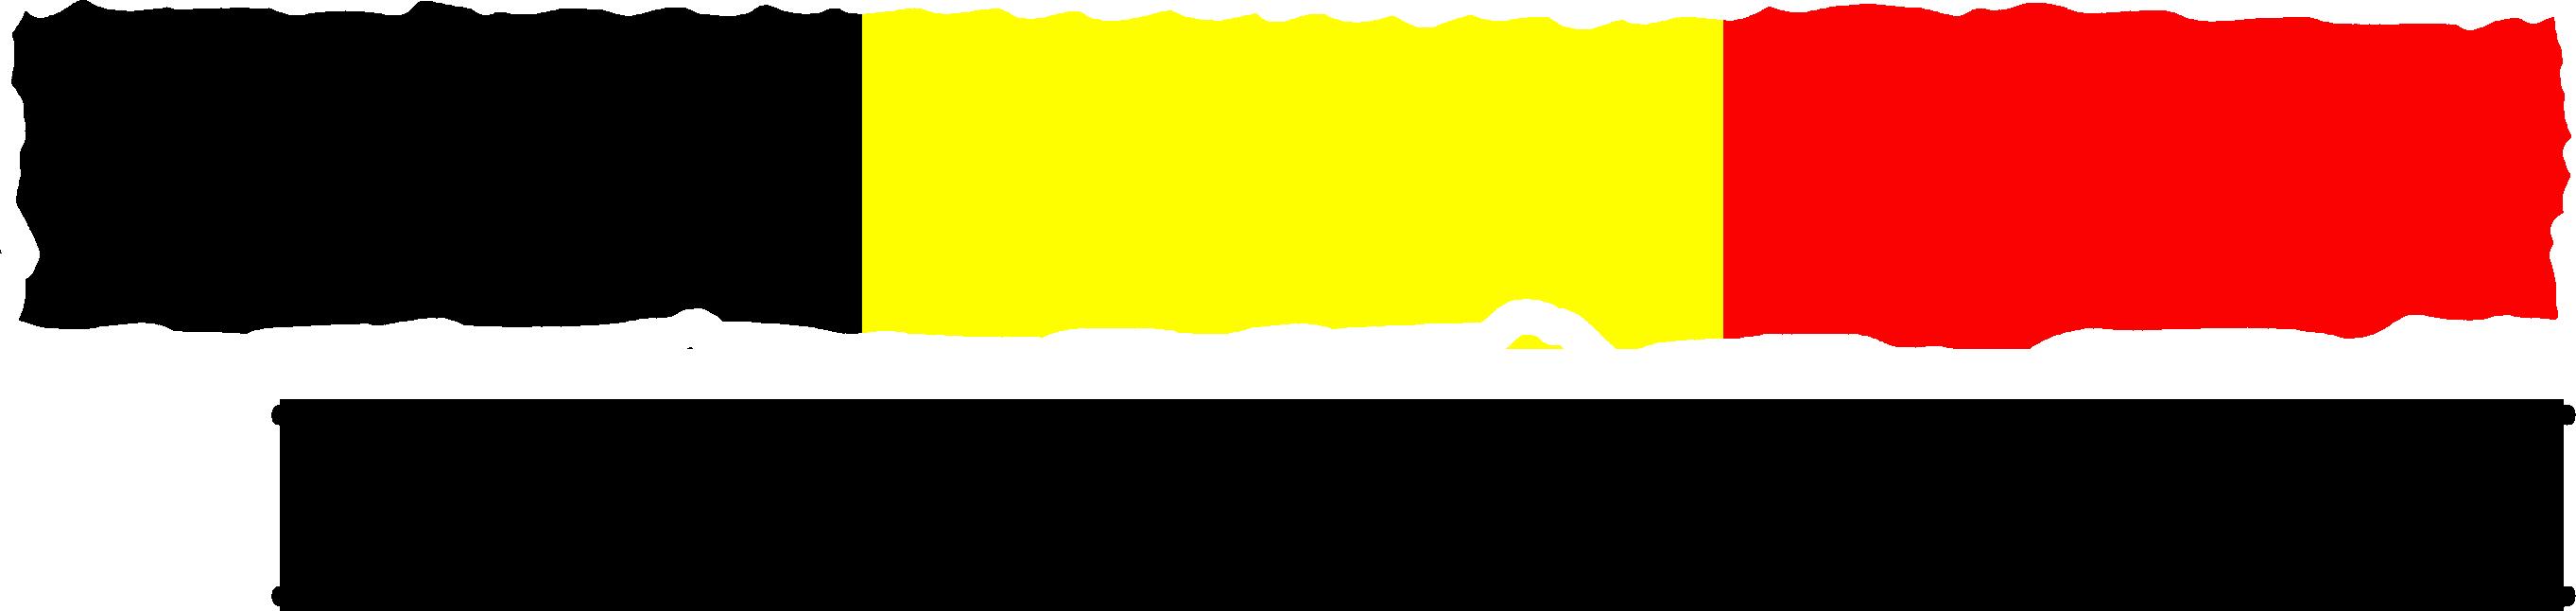 Afbeeldingsresultaat voor axs guard